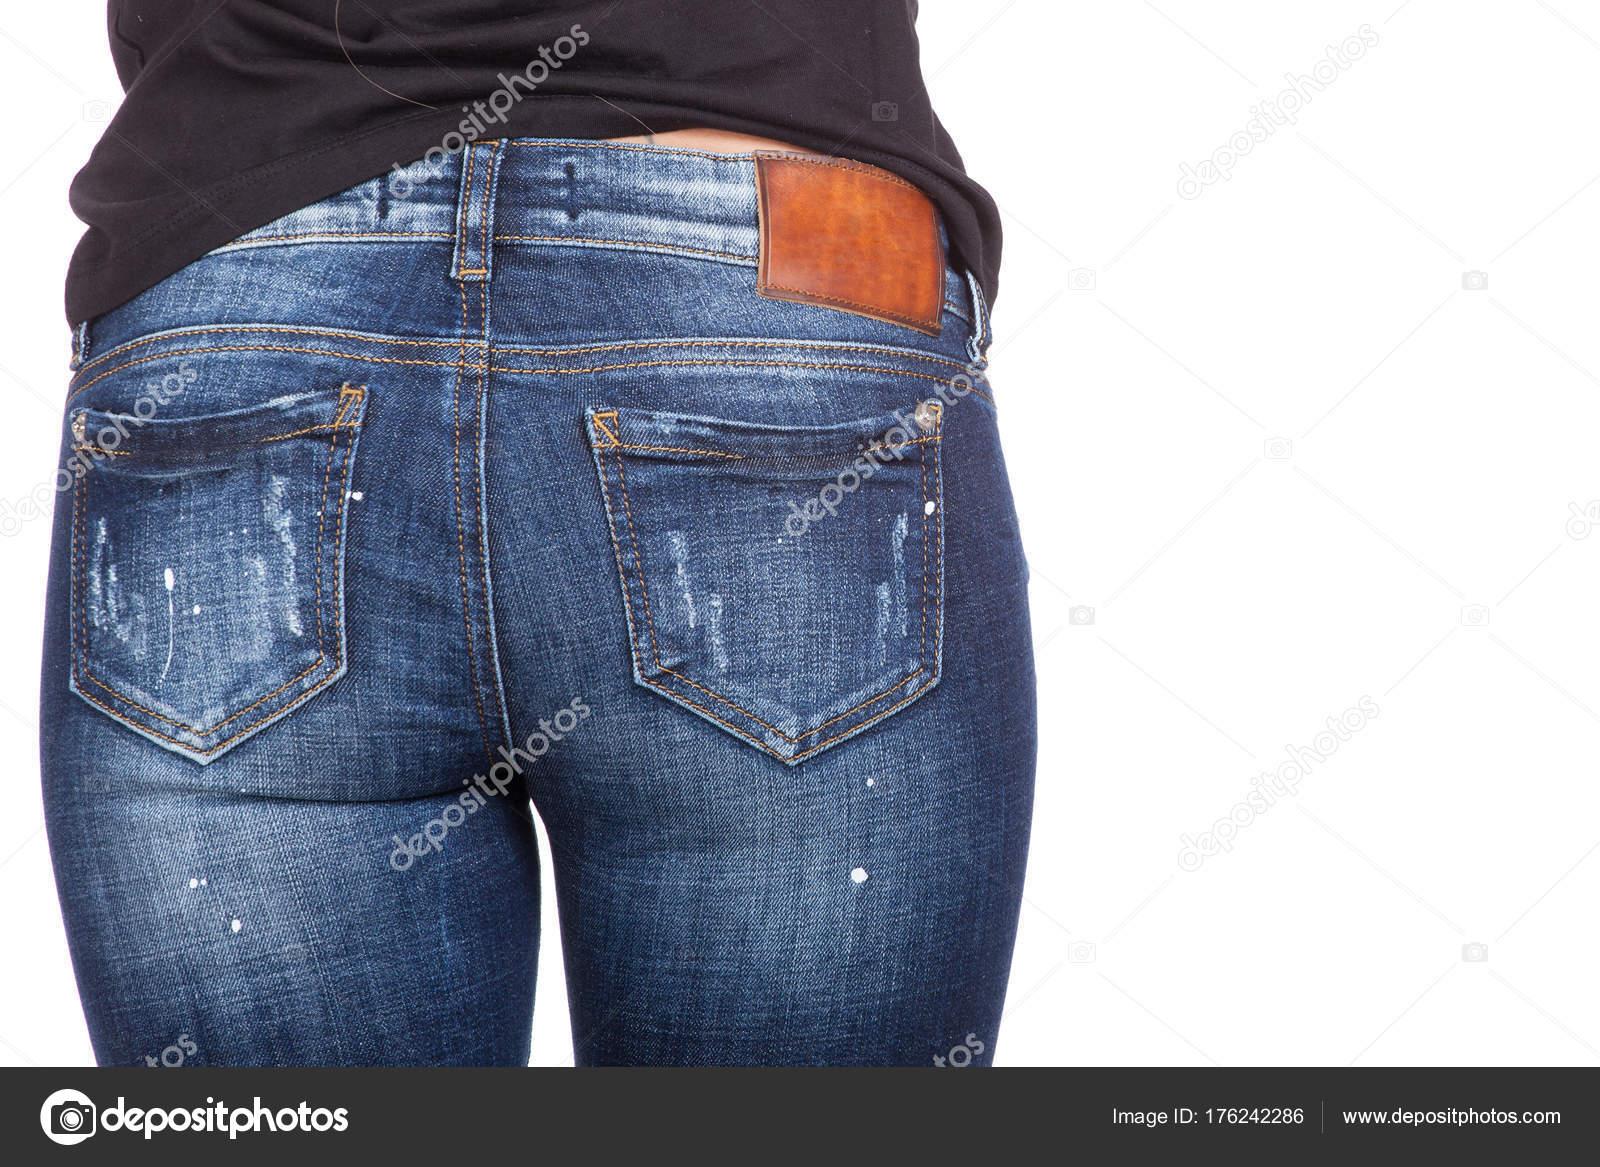 ad4f855fb5 Gros sexy femme portant des jeans bleus. Forme féminine fesses en jeans–  images de stock libres de droits